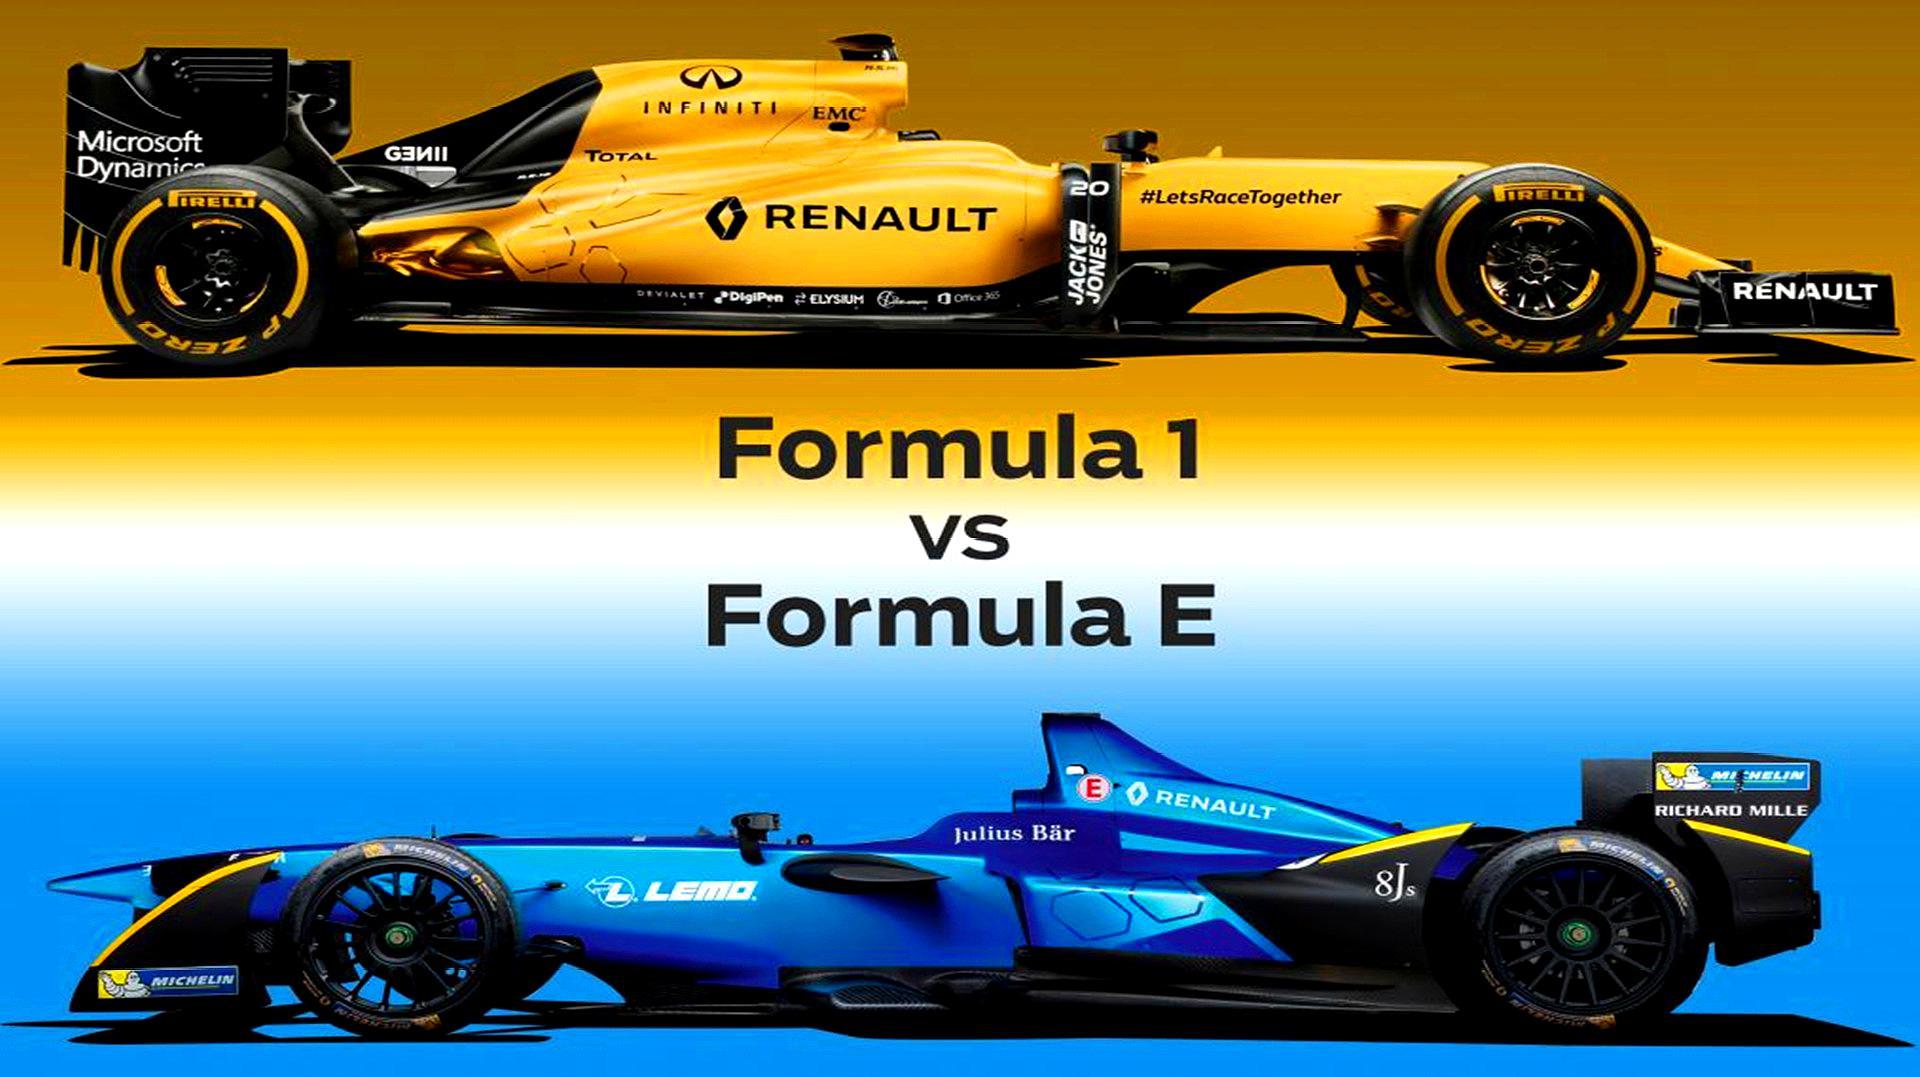 燃油赛车F1和电动赛车FE到底谁更牛?老外模拟测试,还是烧油快!